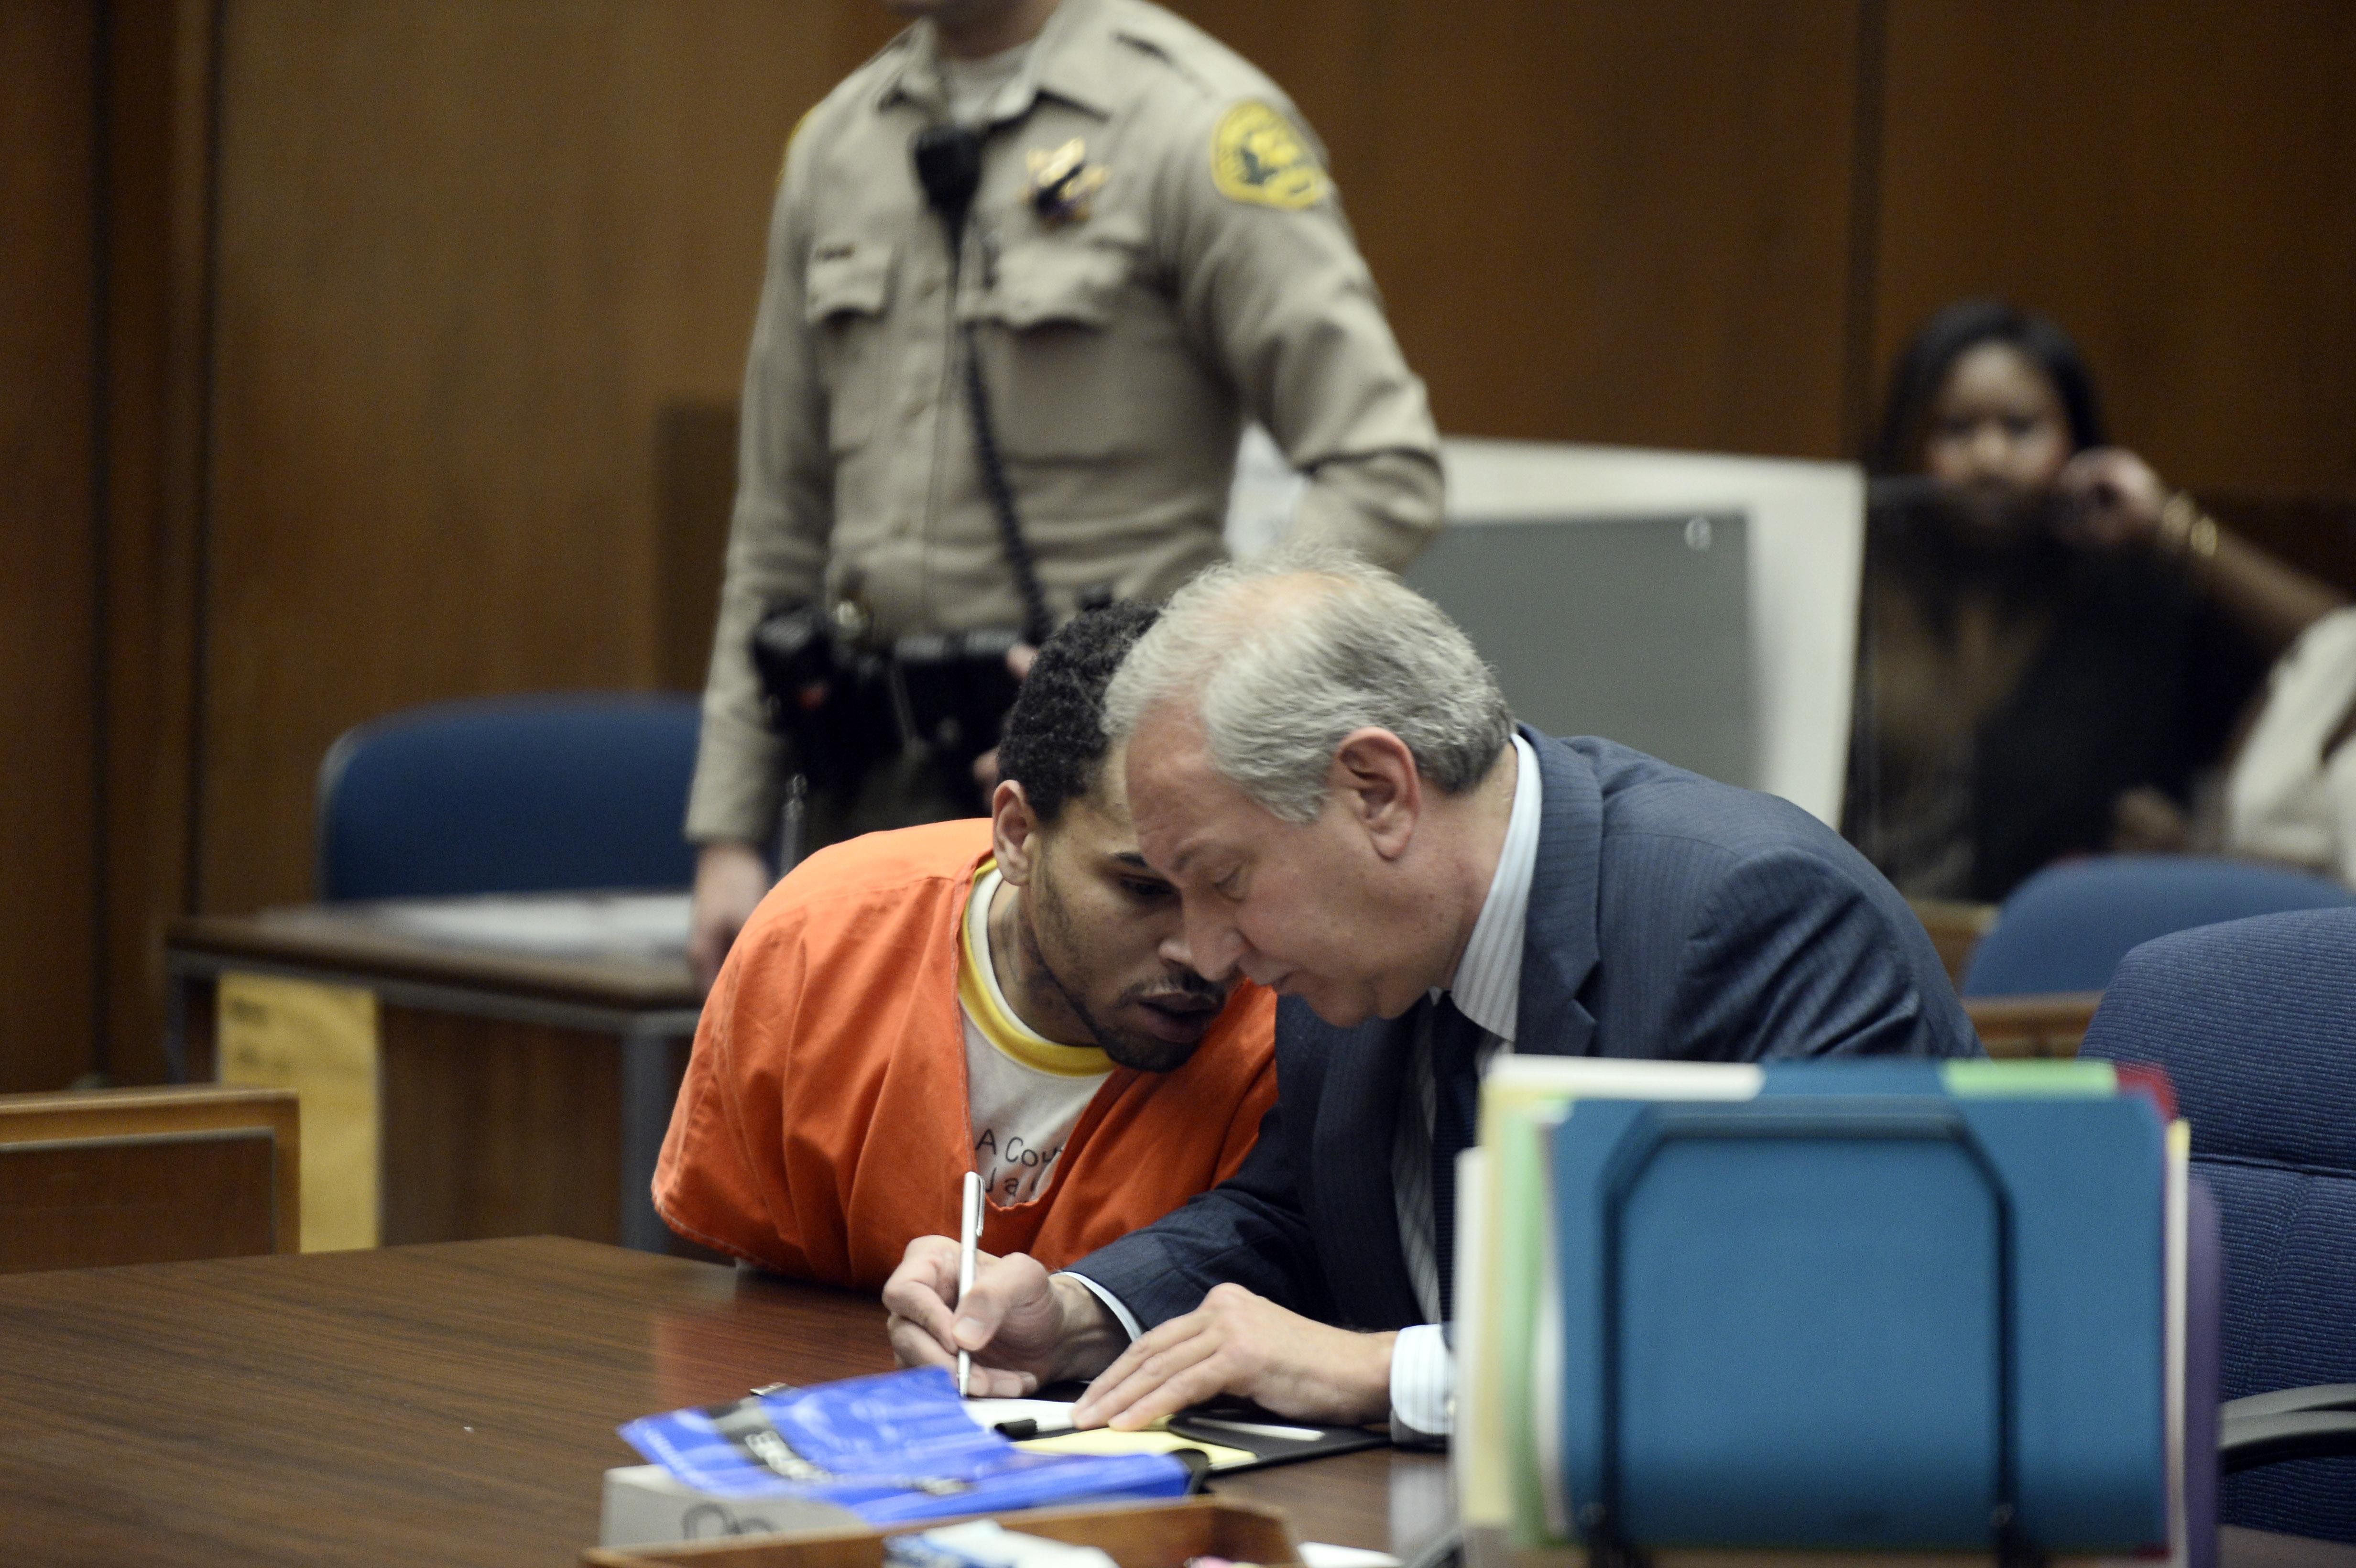 chris brown in jail